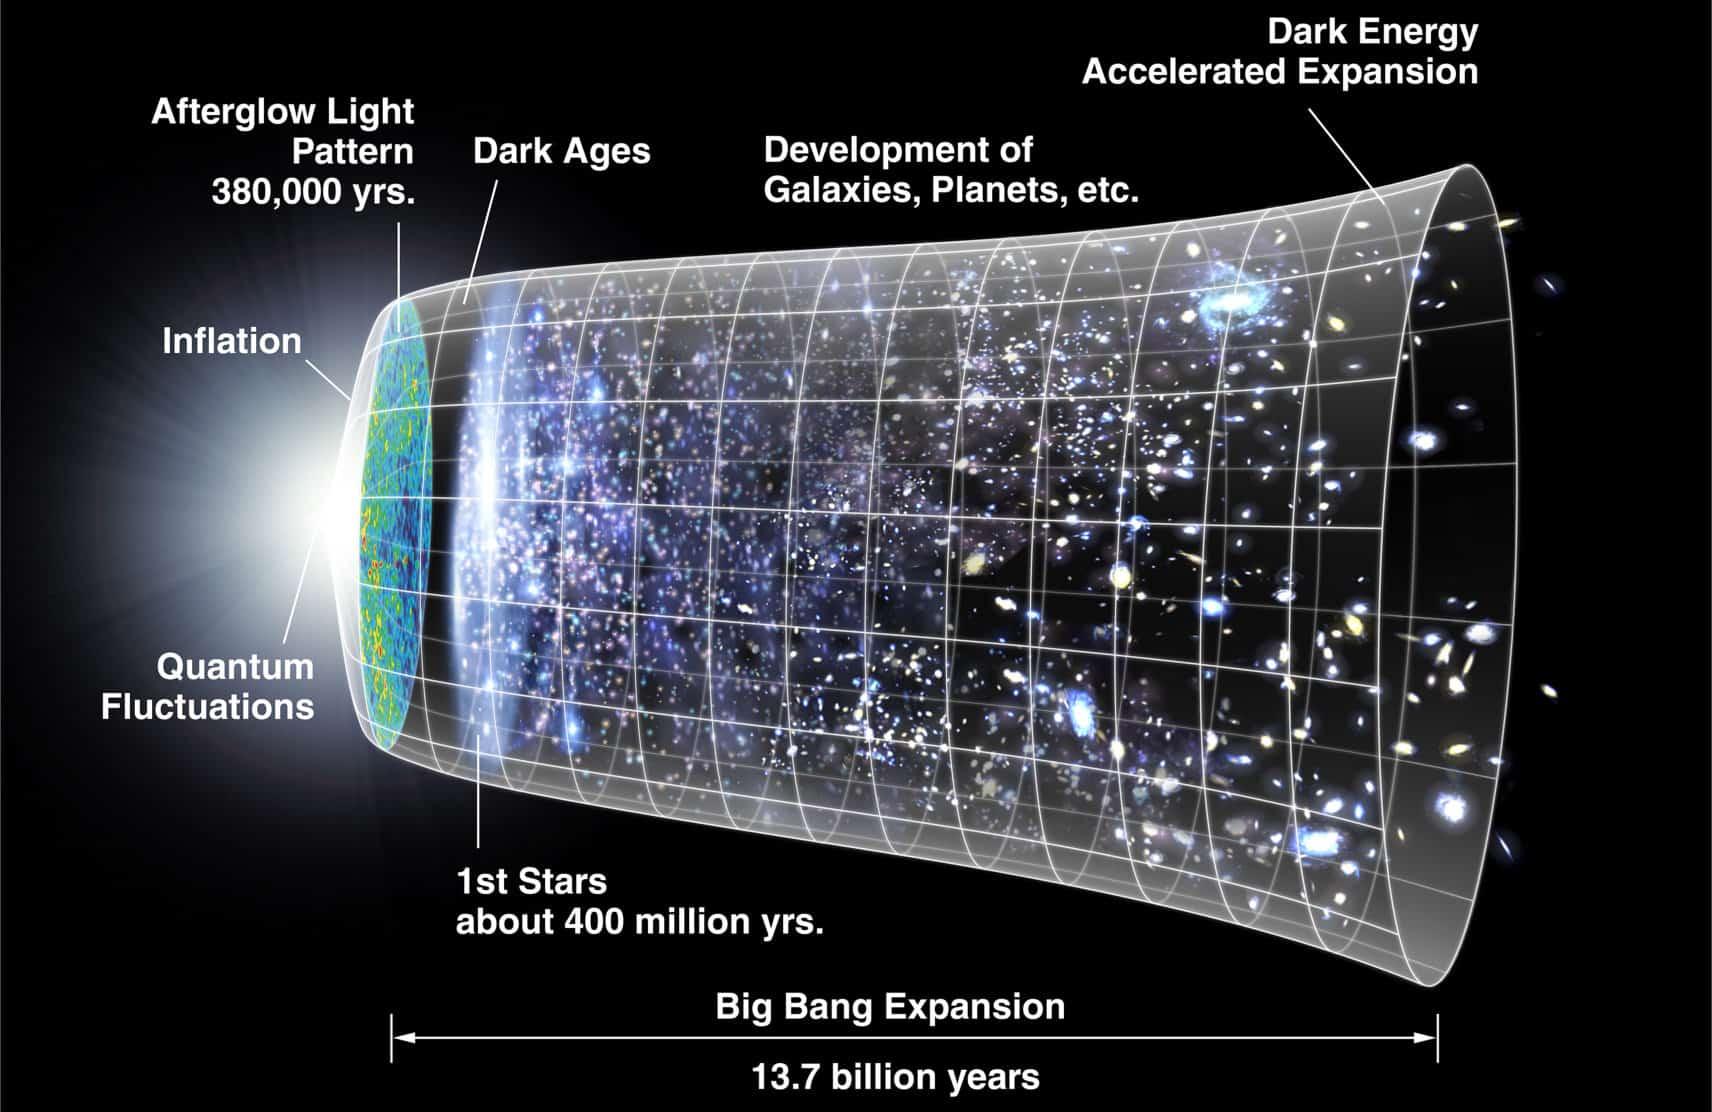 صورة نظرية التضخم الكوني مع د. نضال قسوم